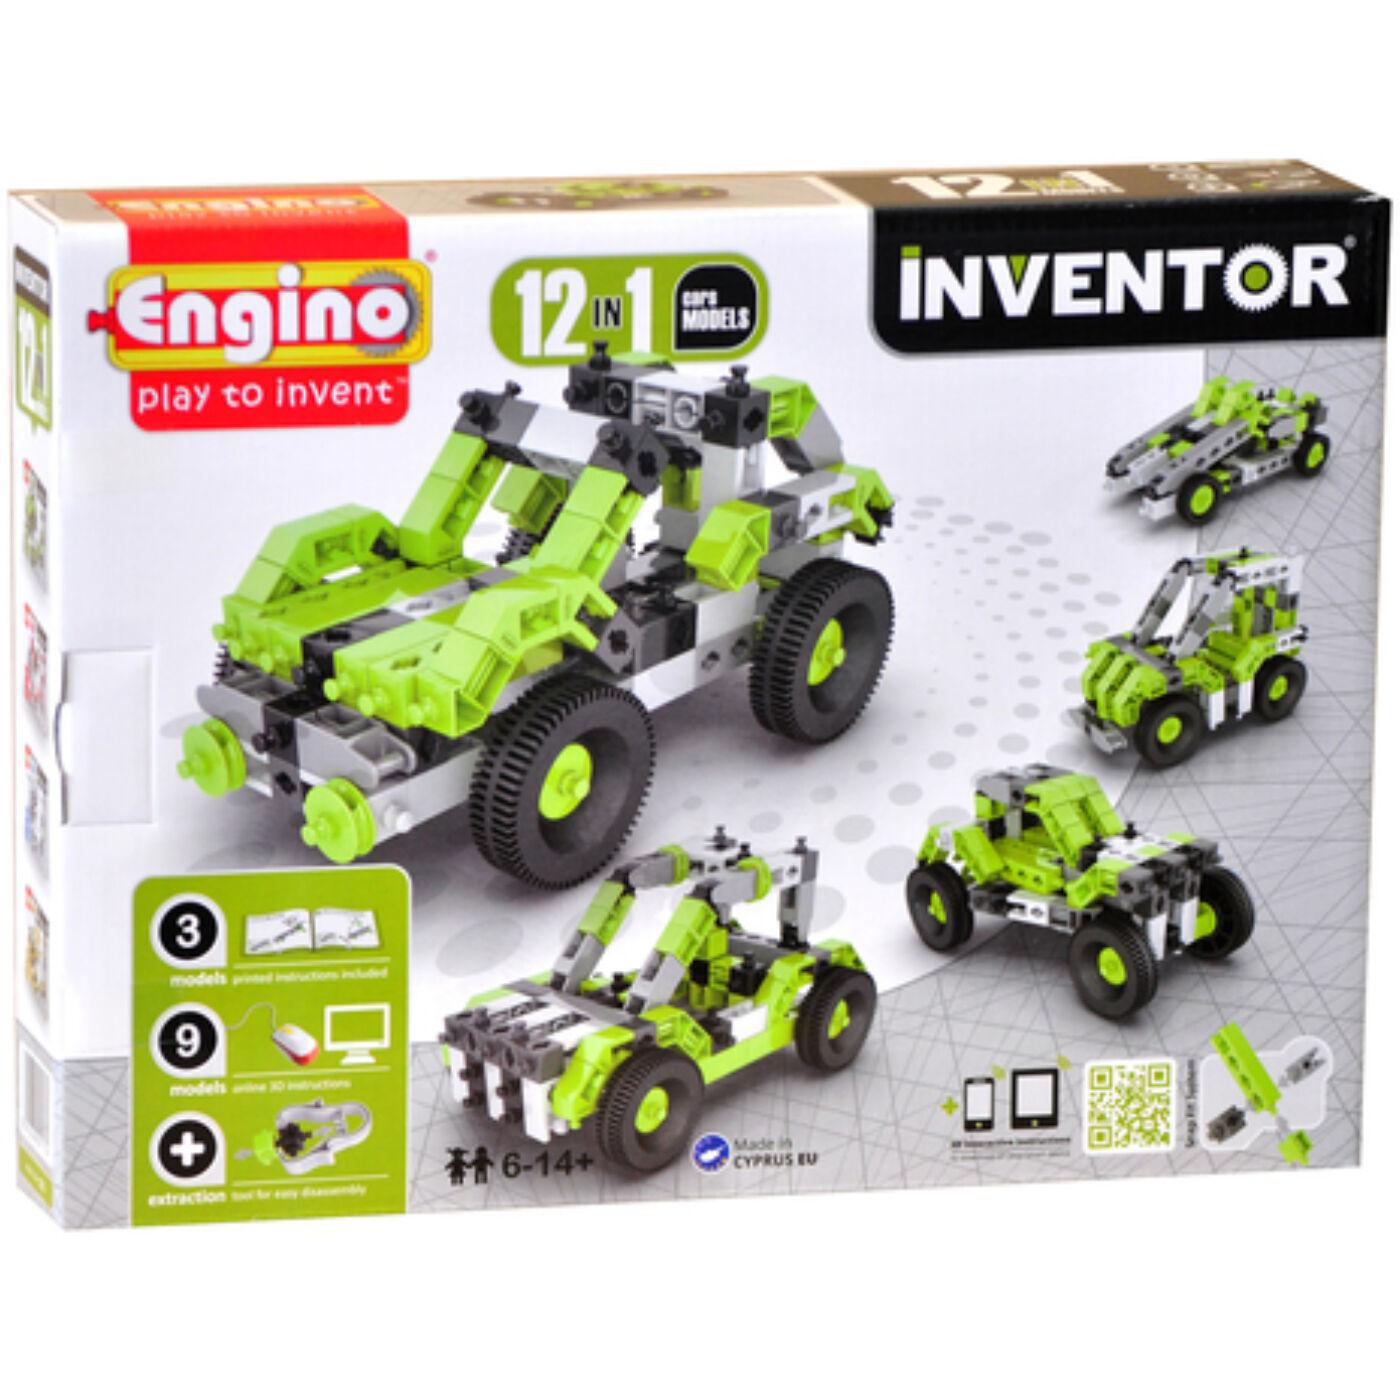 Engino Inventor autók 12in1